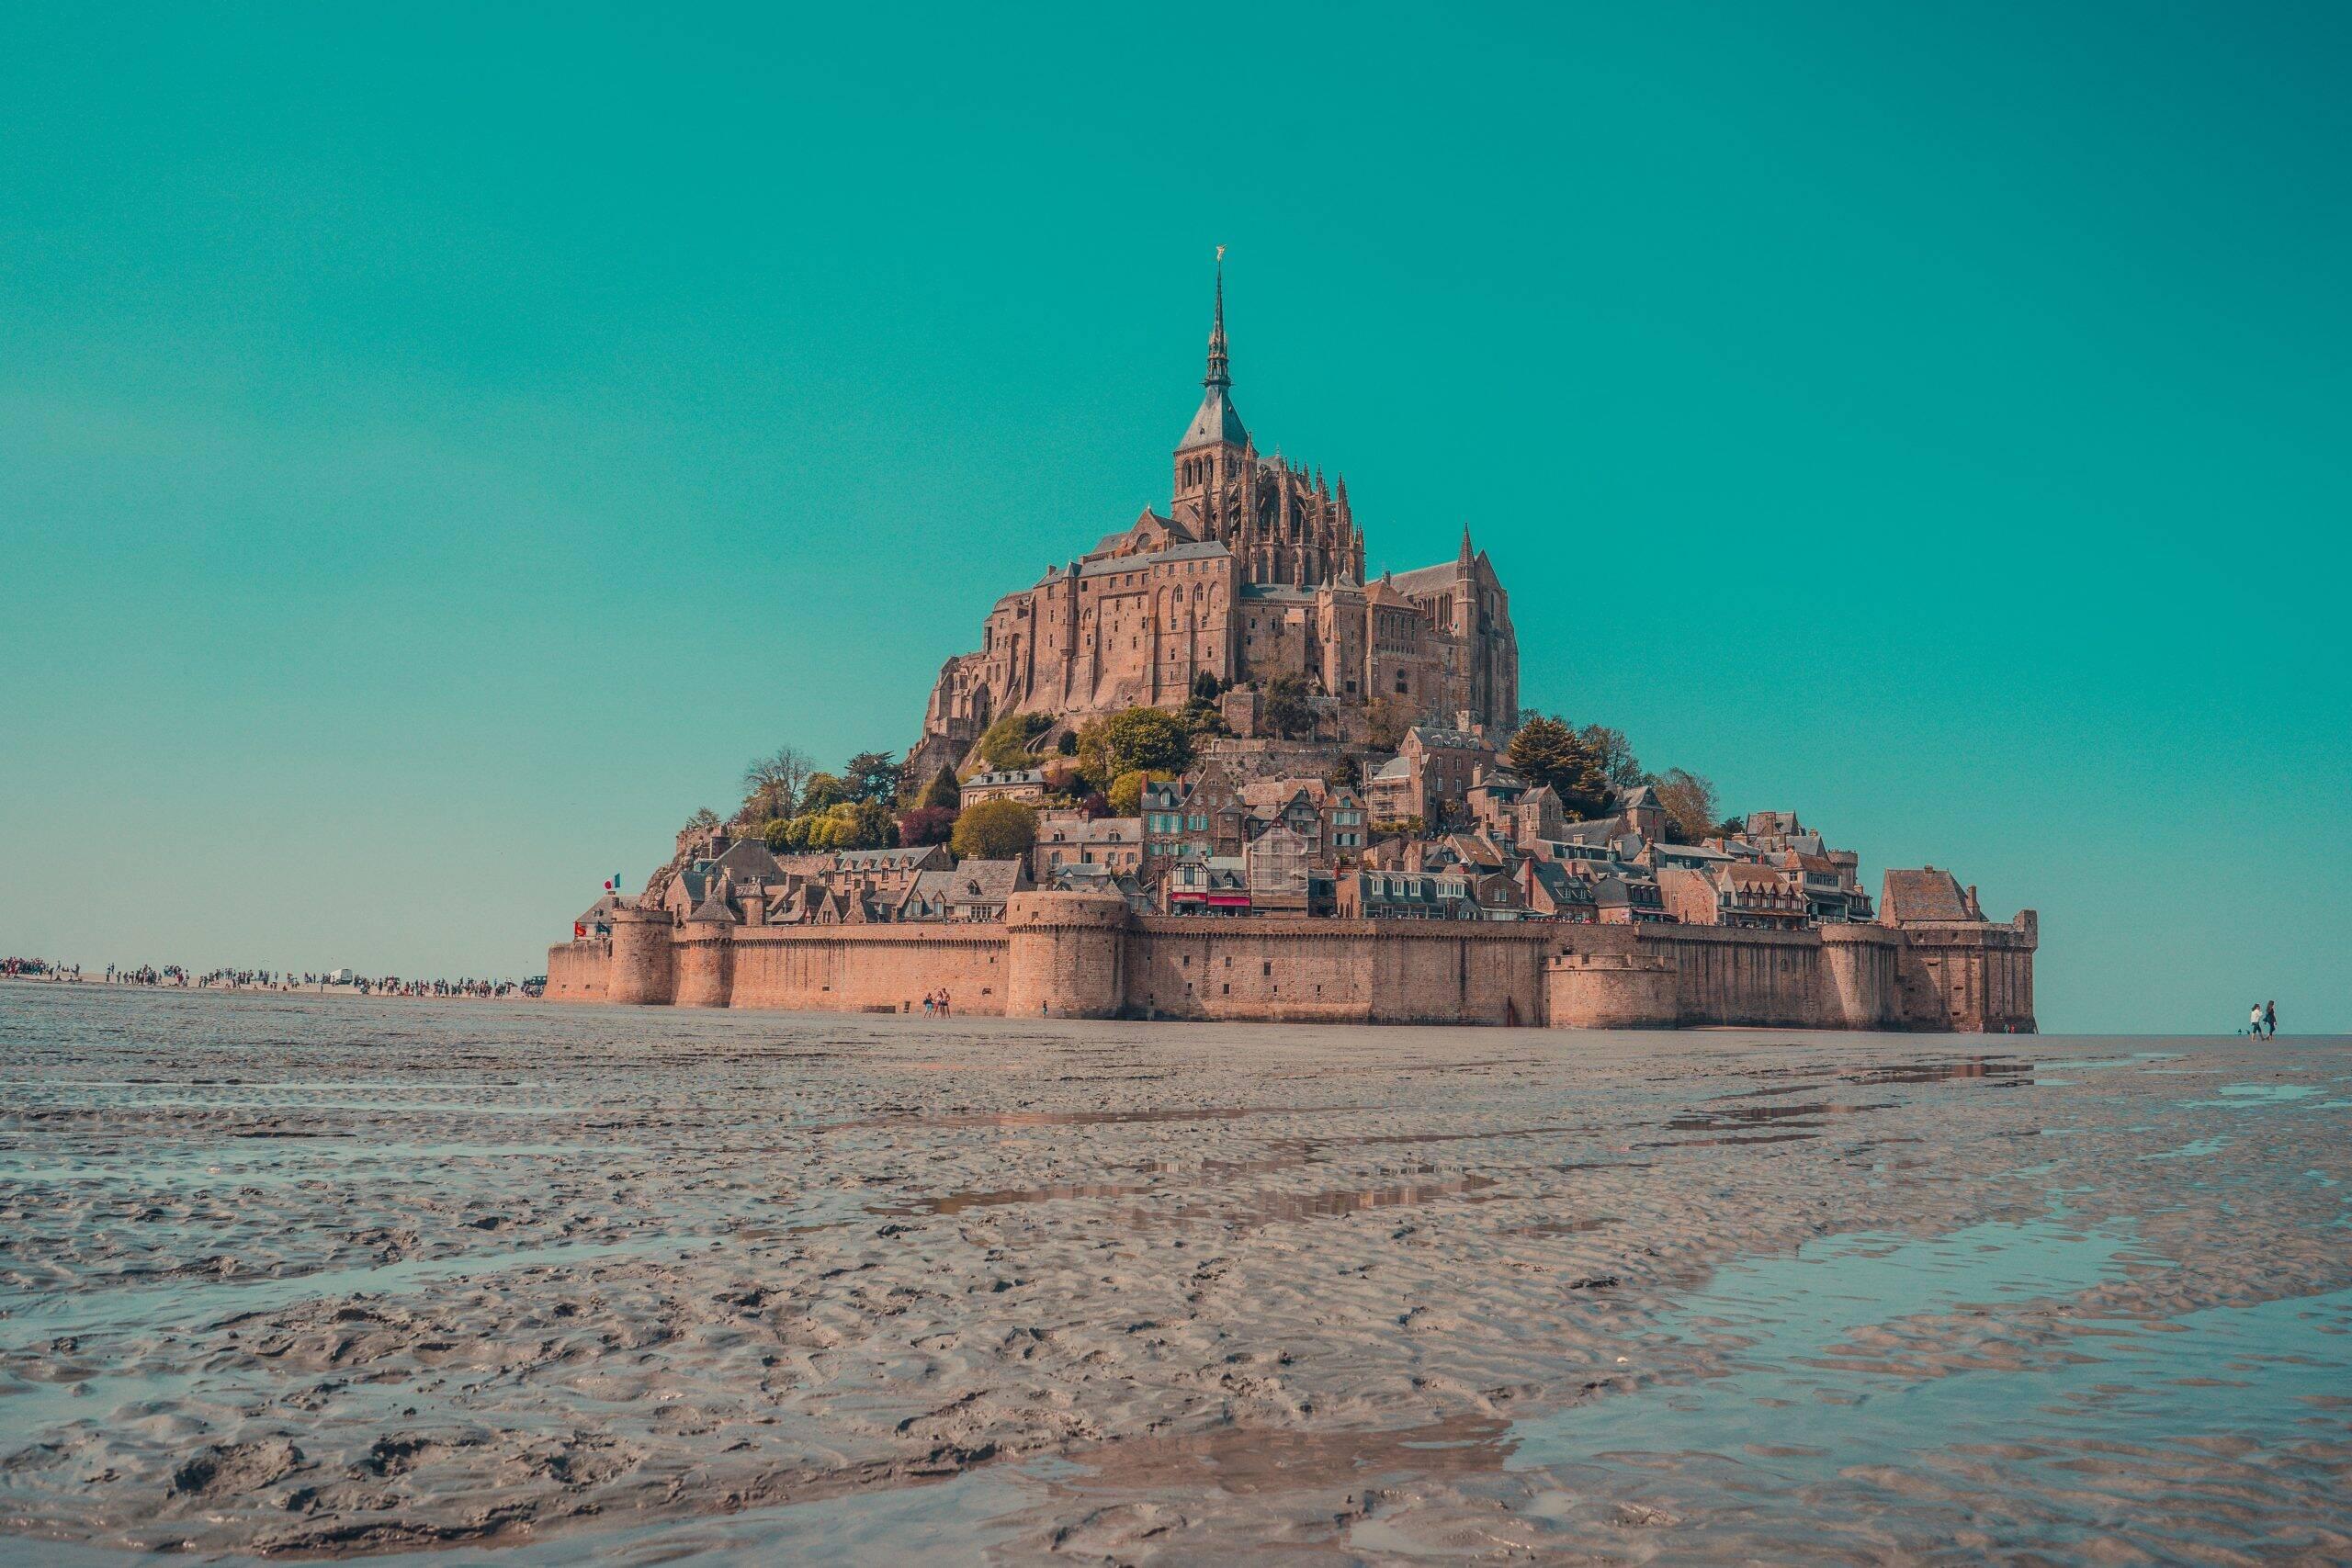 França: Europa reabre fronteiras para turistas estrangeiros